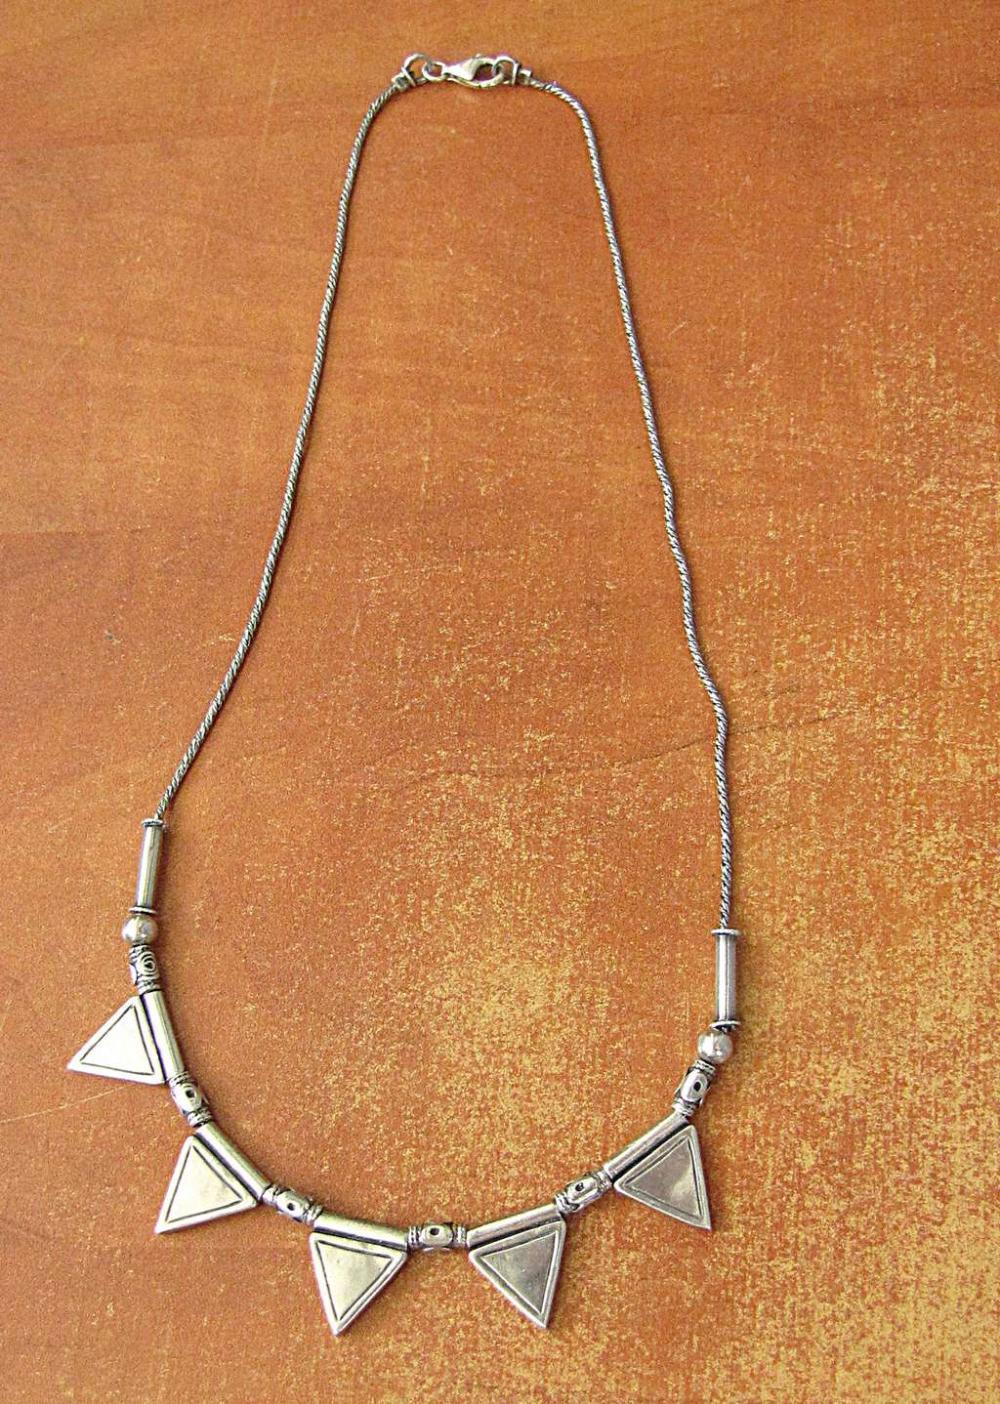 Shablool vintage silver sterling necklace, signed, 14gr.